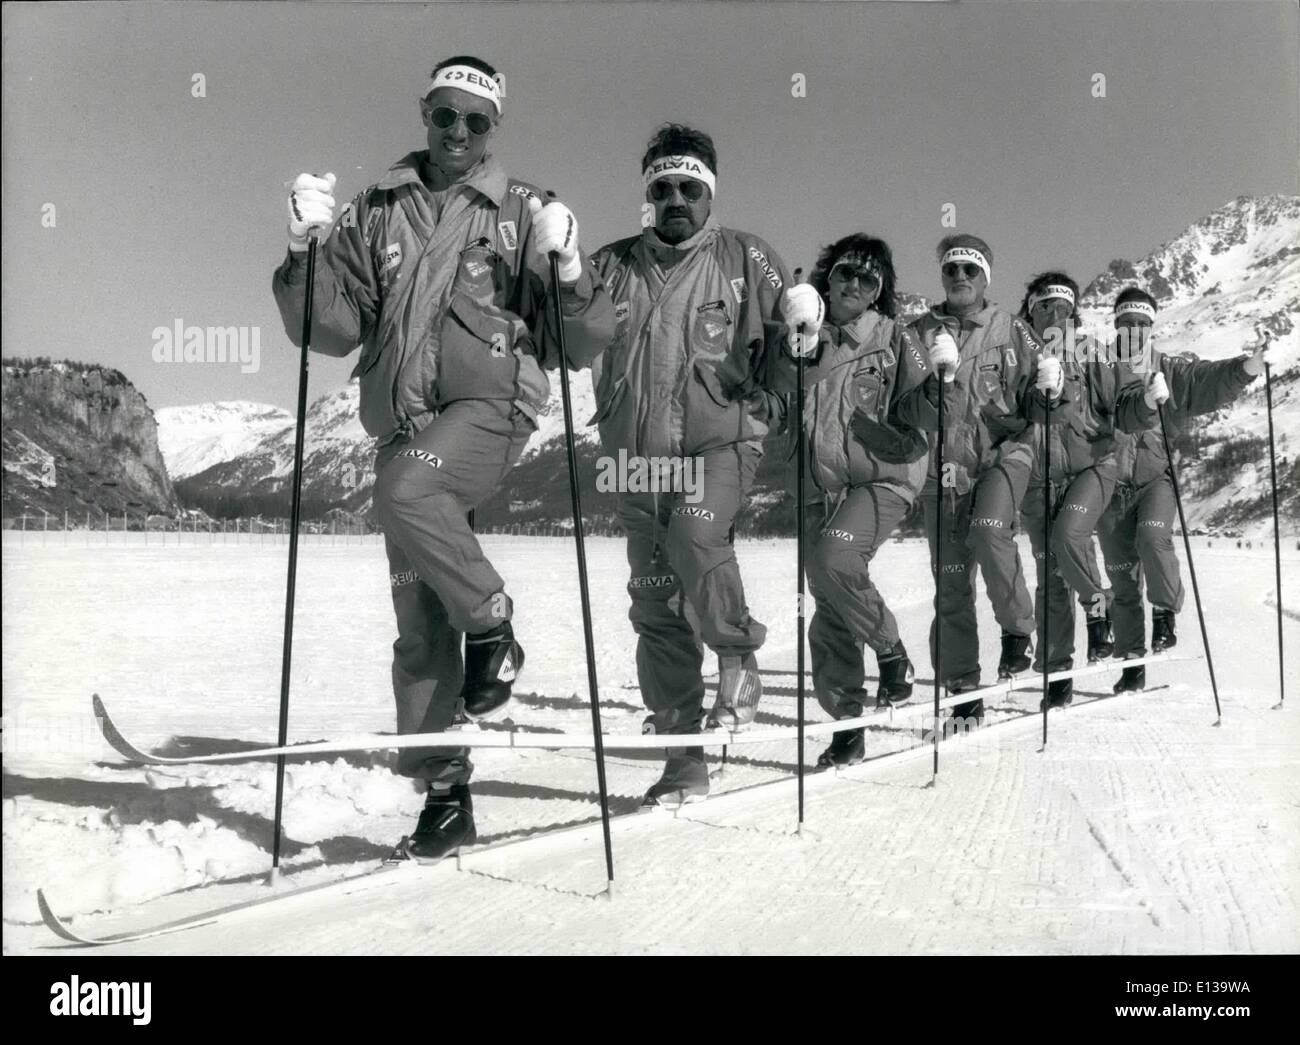 Febbraio 29, 2012 - sei persone su due sci. Durante il tradizionale Nordic Ski Marathon, che si svolgono in Engadina, parte del cantone dei Grigioni, sulla prossima domenica Marchill, sei persone cercano di assolvere tutta la maratona insieme su due sci. Se ci riescono, essi per assicurarsi andando a impostare un nuovo record per la famosa Guinness dei record. Immagine: Pietro Glaus, Martin Neeser, Marianne Fuchs, Adrian Fuchs, Rita Pfister e Markus Kappeler f.l.t.r. durante un warm up ancora di esercitare il loro coordinamento. Immagini Stock